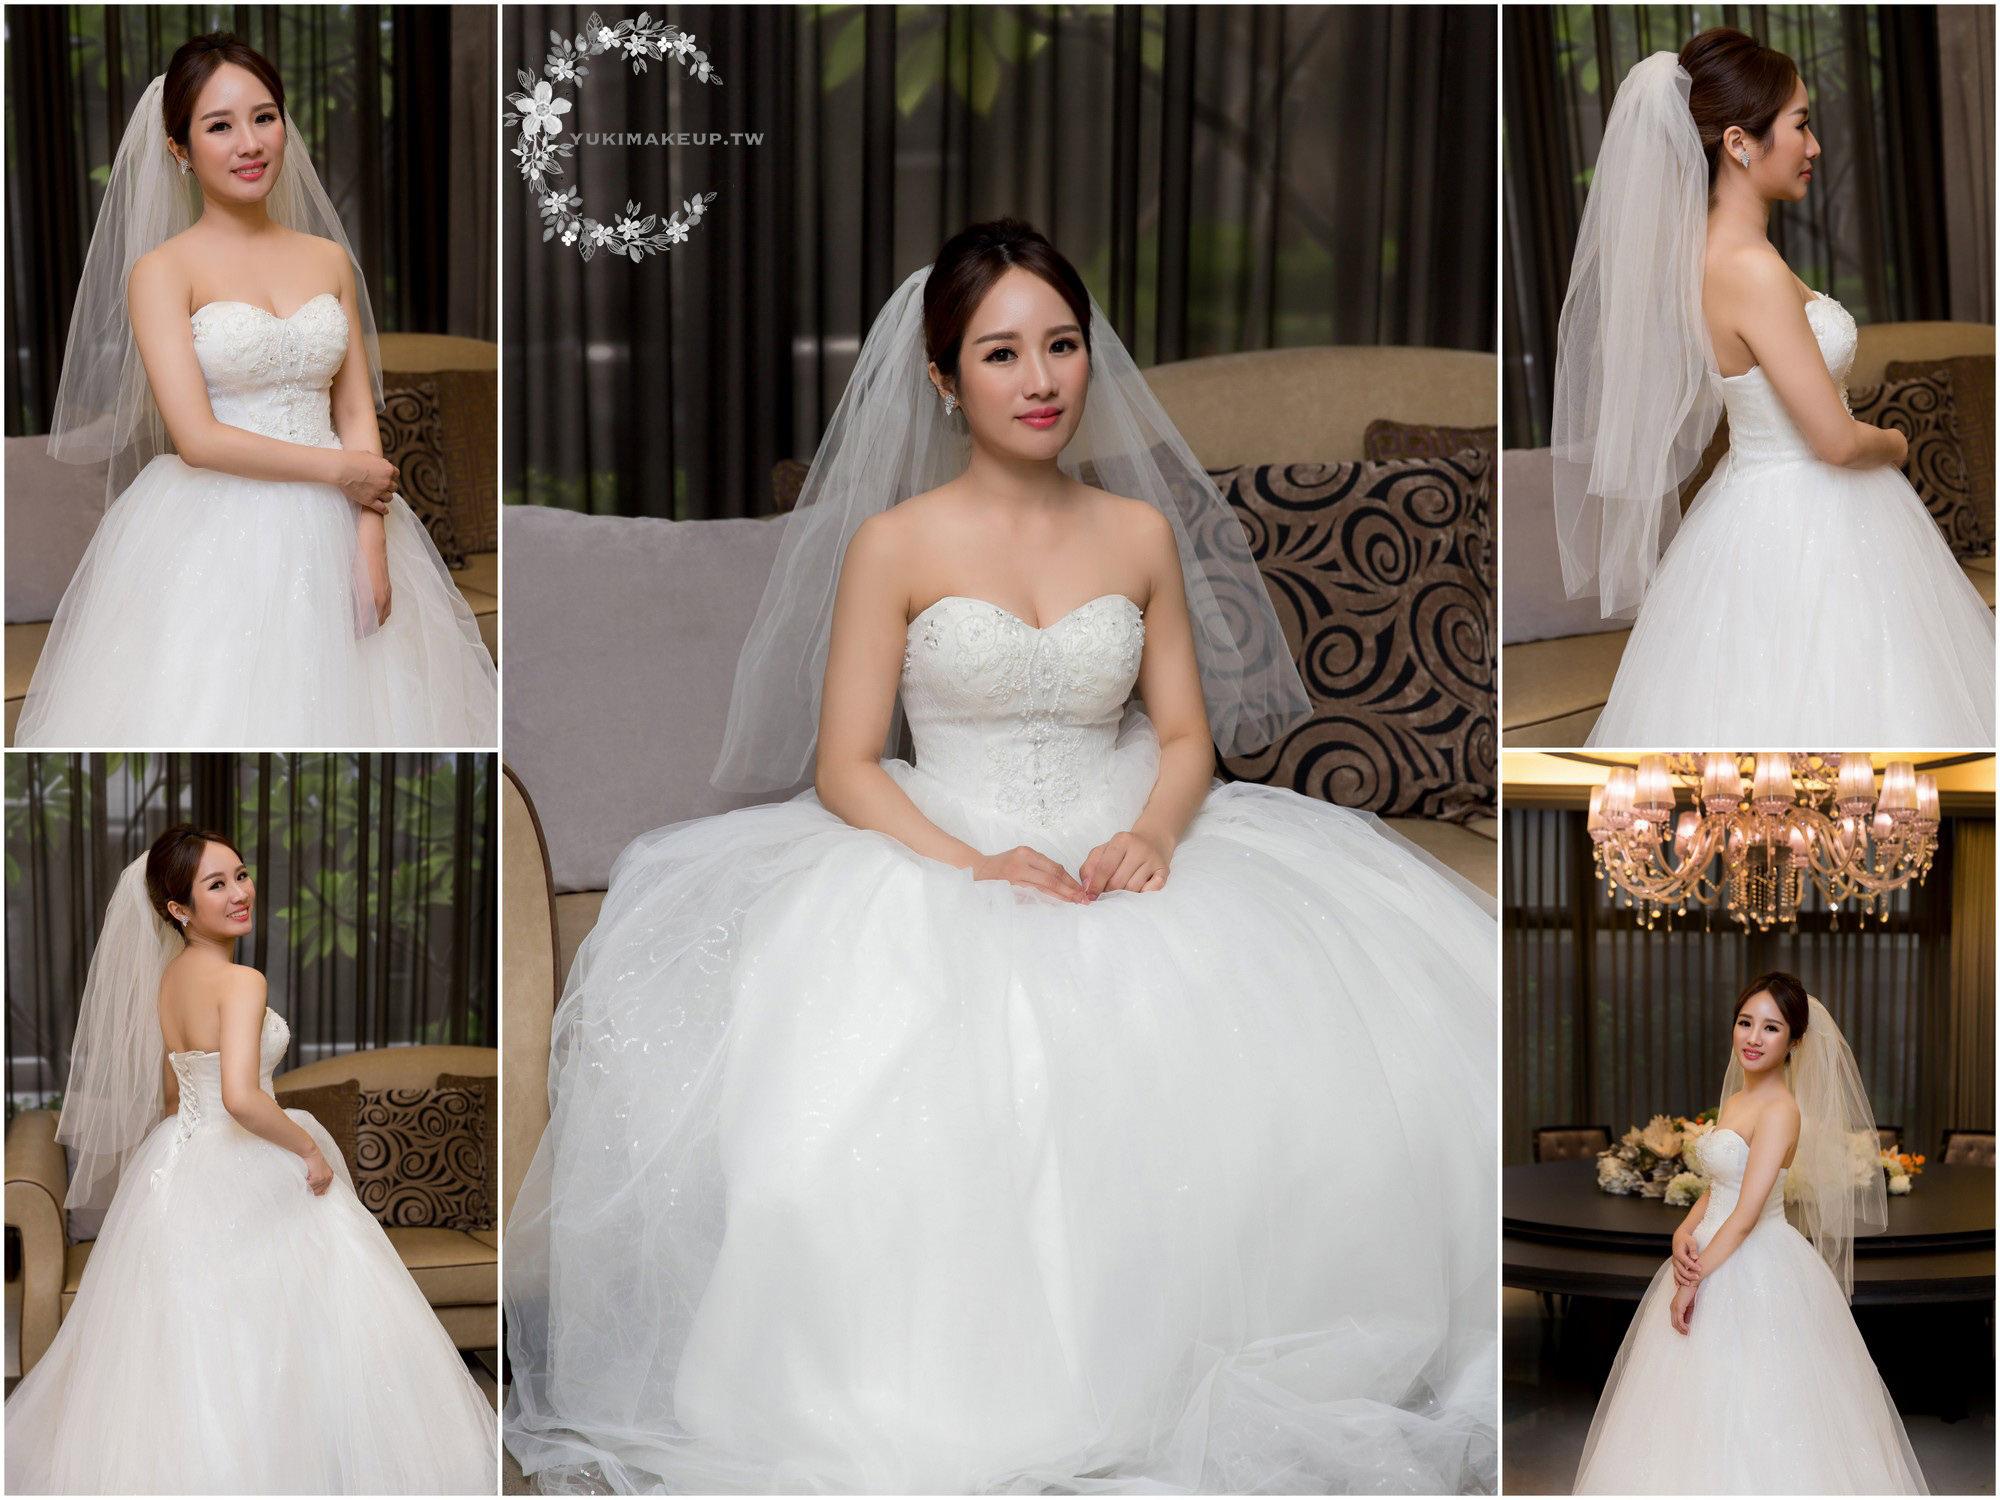 新娘秘書,新秘,新娘造型,新娘髮型, 白紗造型, 頭紗造型,高雄新秘,素人改造,千金小姐look,妝前妝後, 新秘Yuki